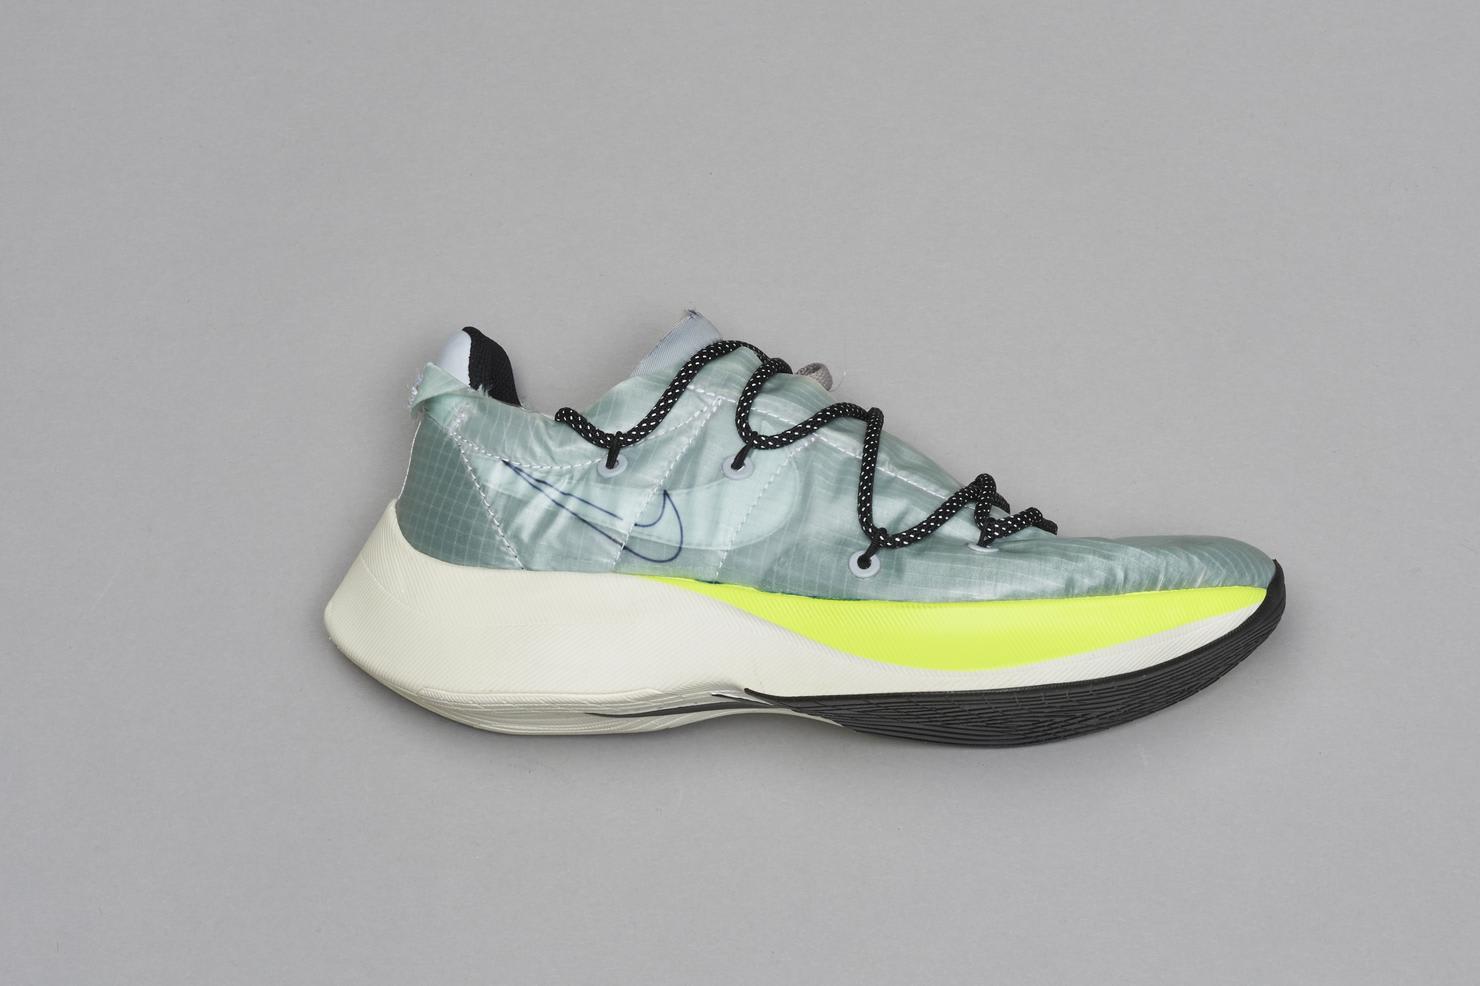 Off-White x Nike Vapor Street Prototype 5